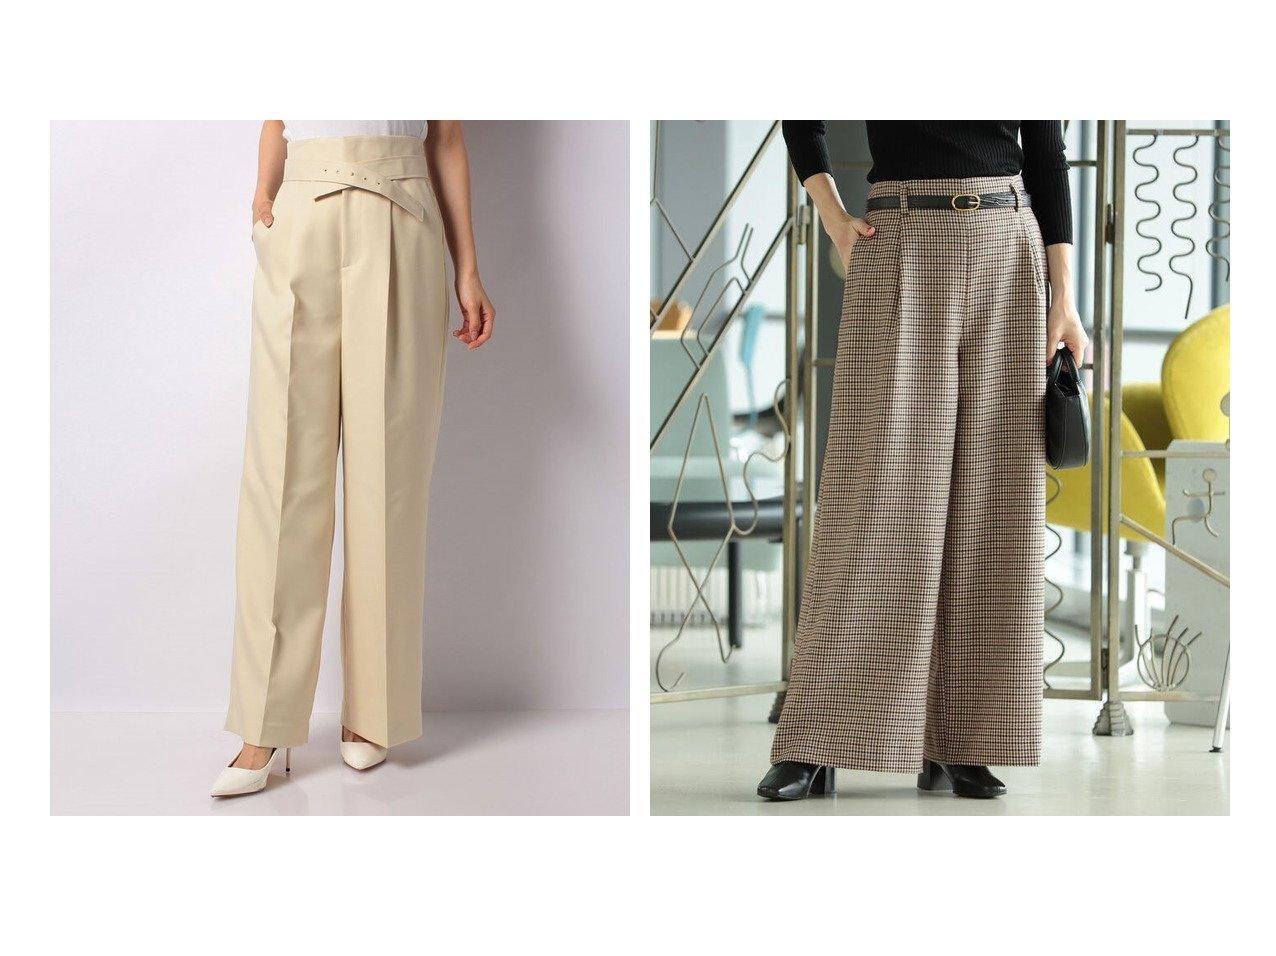 【Demi-Luxe BEAMS/デミルクス ビームス】のDemi- ウール タック ワイドパンツ&【ANAYI/アナイ】の【2021 Pre Spring】ツイルセミワイドパンツ パンツのおすすめ!人気トレンド・レディースファッションの通販  おすすめで人気の流行・トレンド、ファッションの通販商品 メンズファッション・キッズファッション・インテリア・家具・レディースファッション・服の通販 founy(ファニー) https://founy.com/ ファッション Fashion レディースファッション WOMEN パンツ Pants イエロー 春 コンパクト ジャケット ツイル ワイド |ID:crp329100000009035